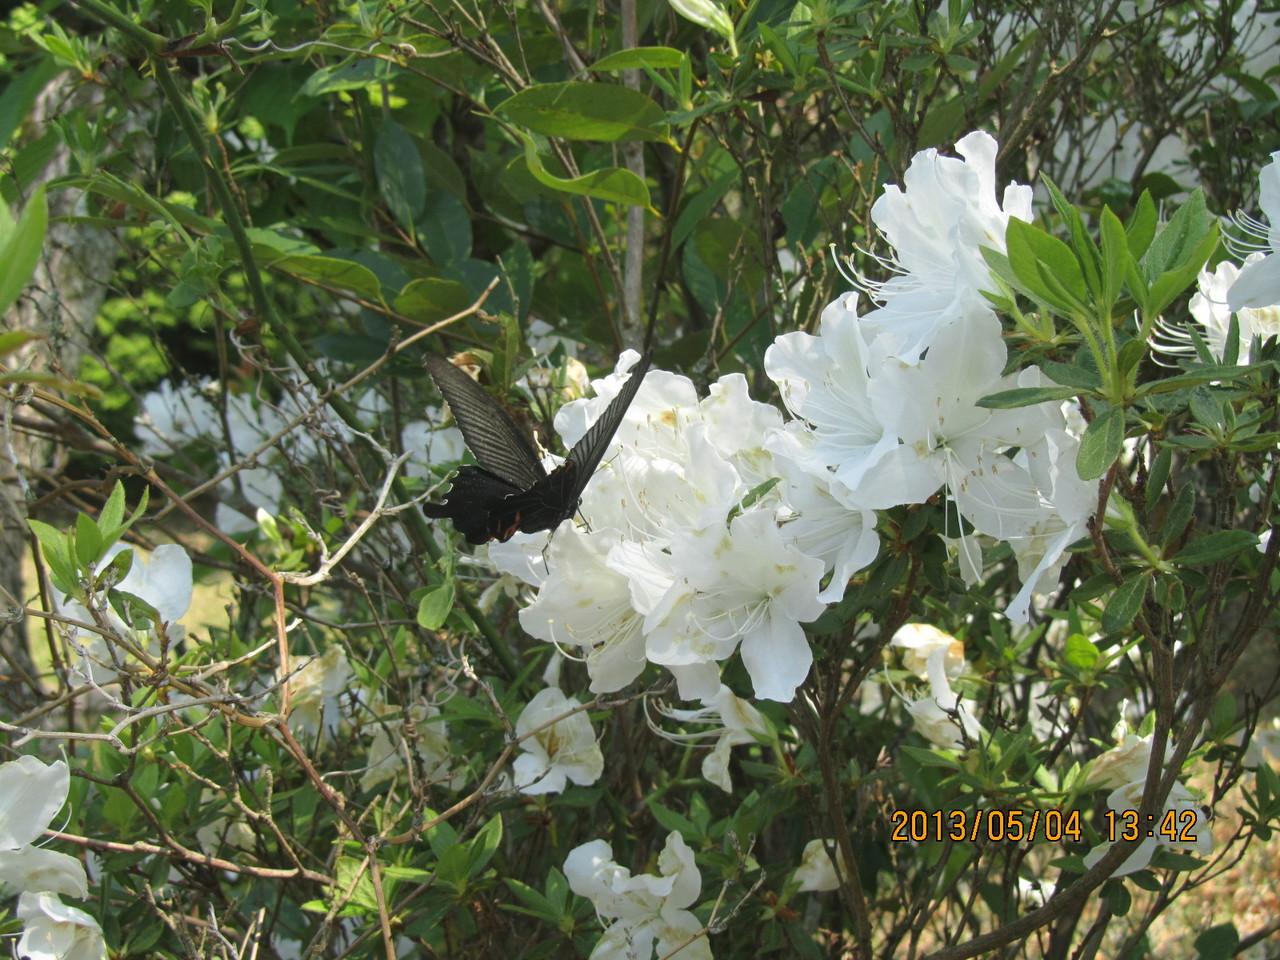 白い花に黒いアゲハ蝶が止まっています。